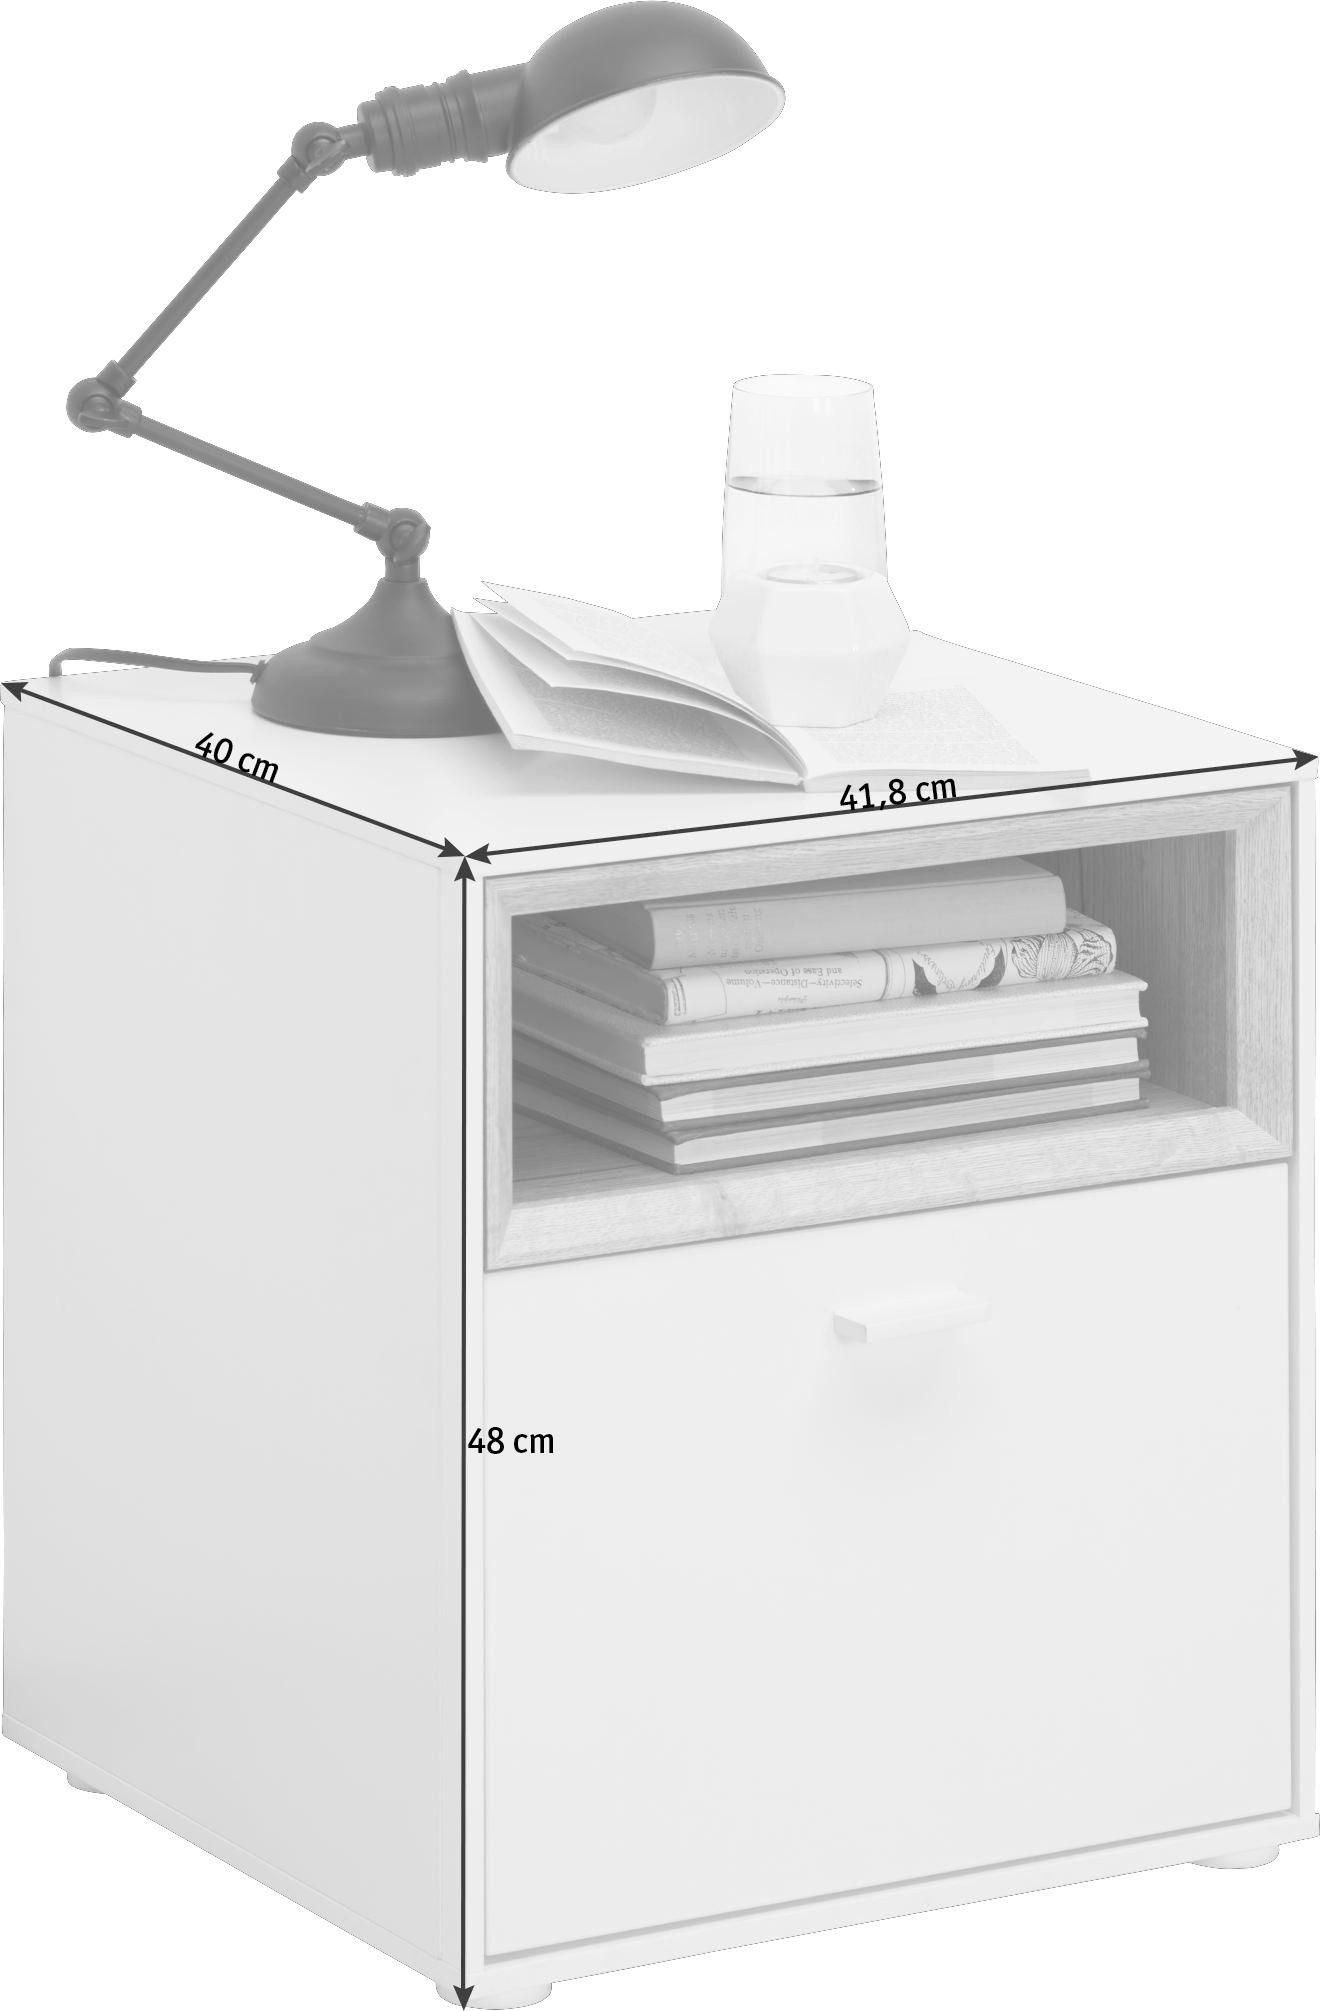 SÄNGBORD - vit/ekfärgad, Design, träbaserade material/plast (41,8/48/40cm) - Hom`in